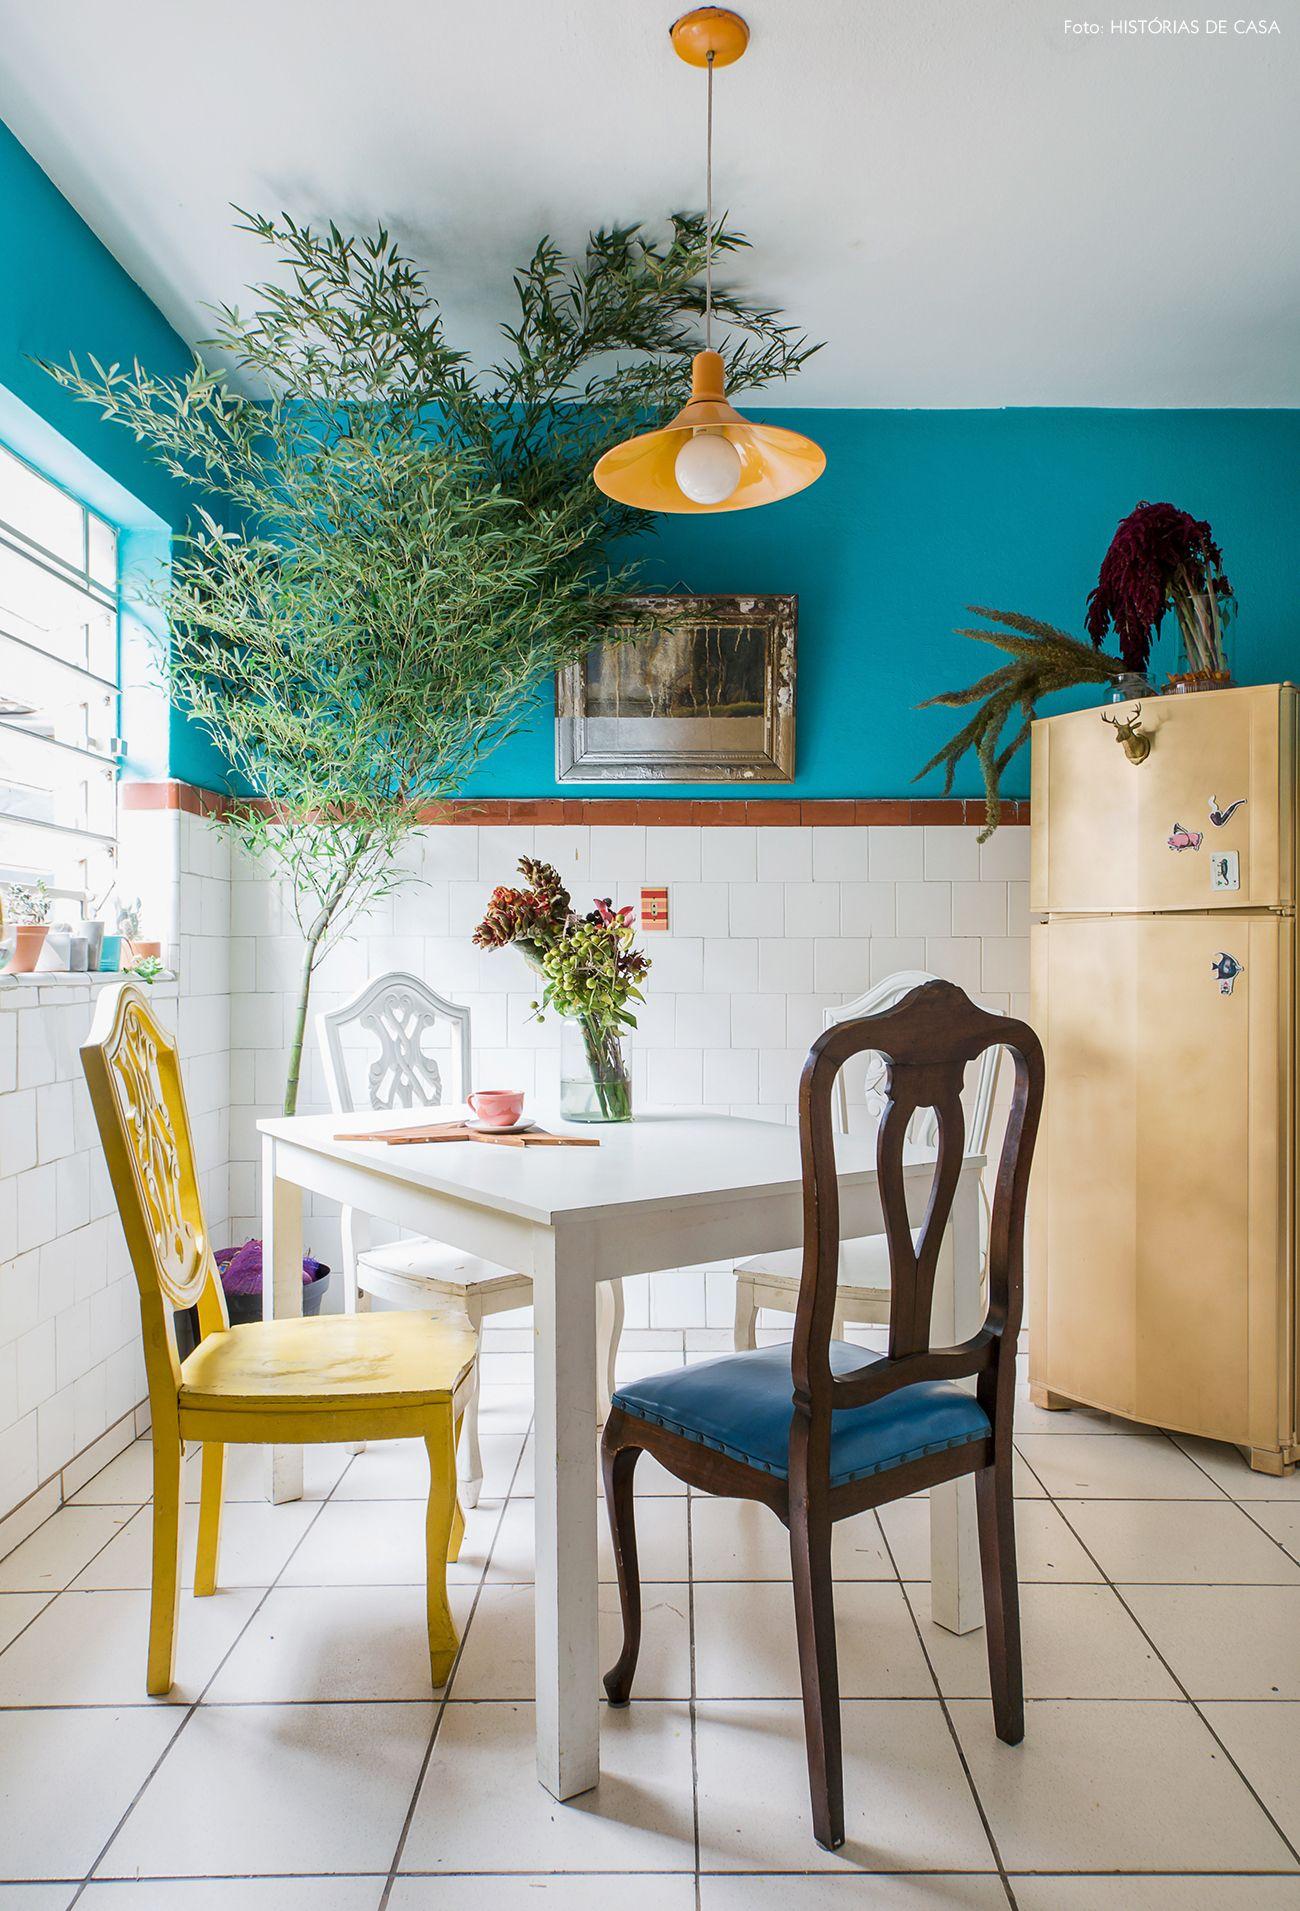 Cozinha de casa compartilhada tem meia parede pintada de azul ...